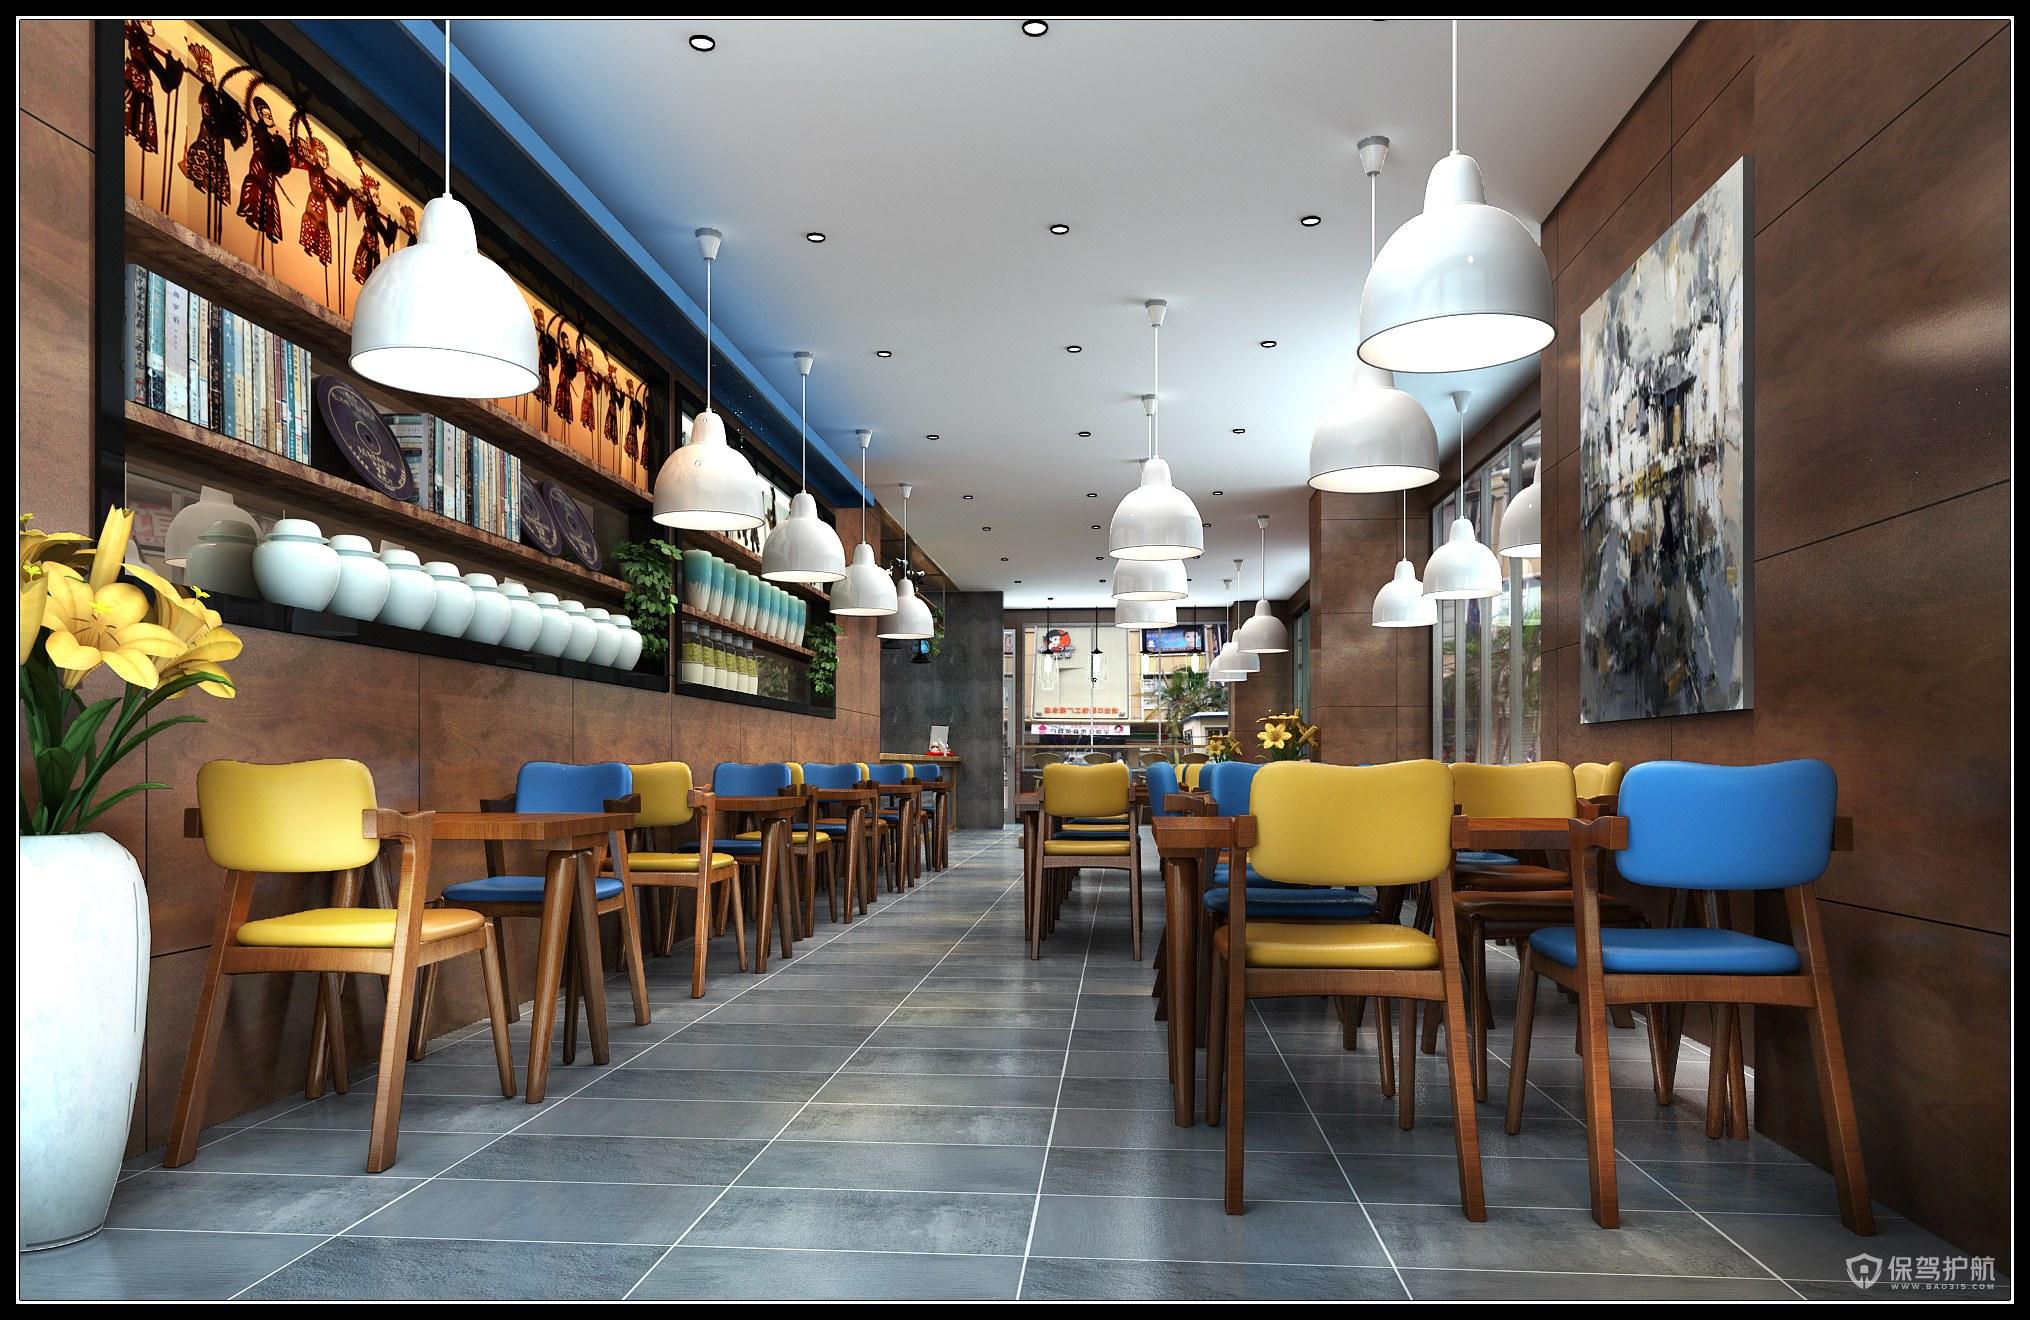 美式小清新咖啡厅装修实景图